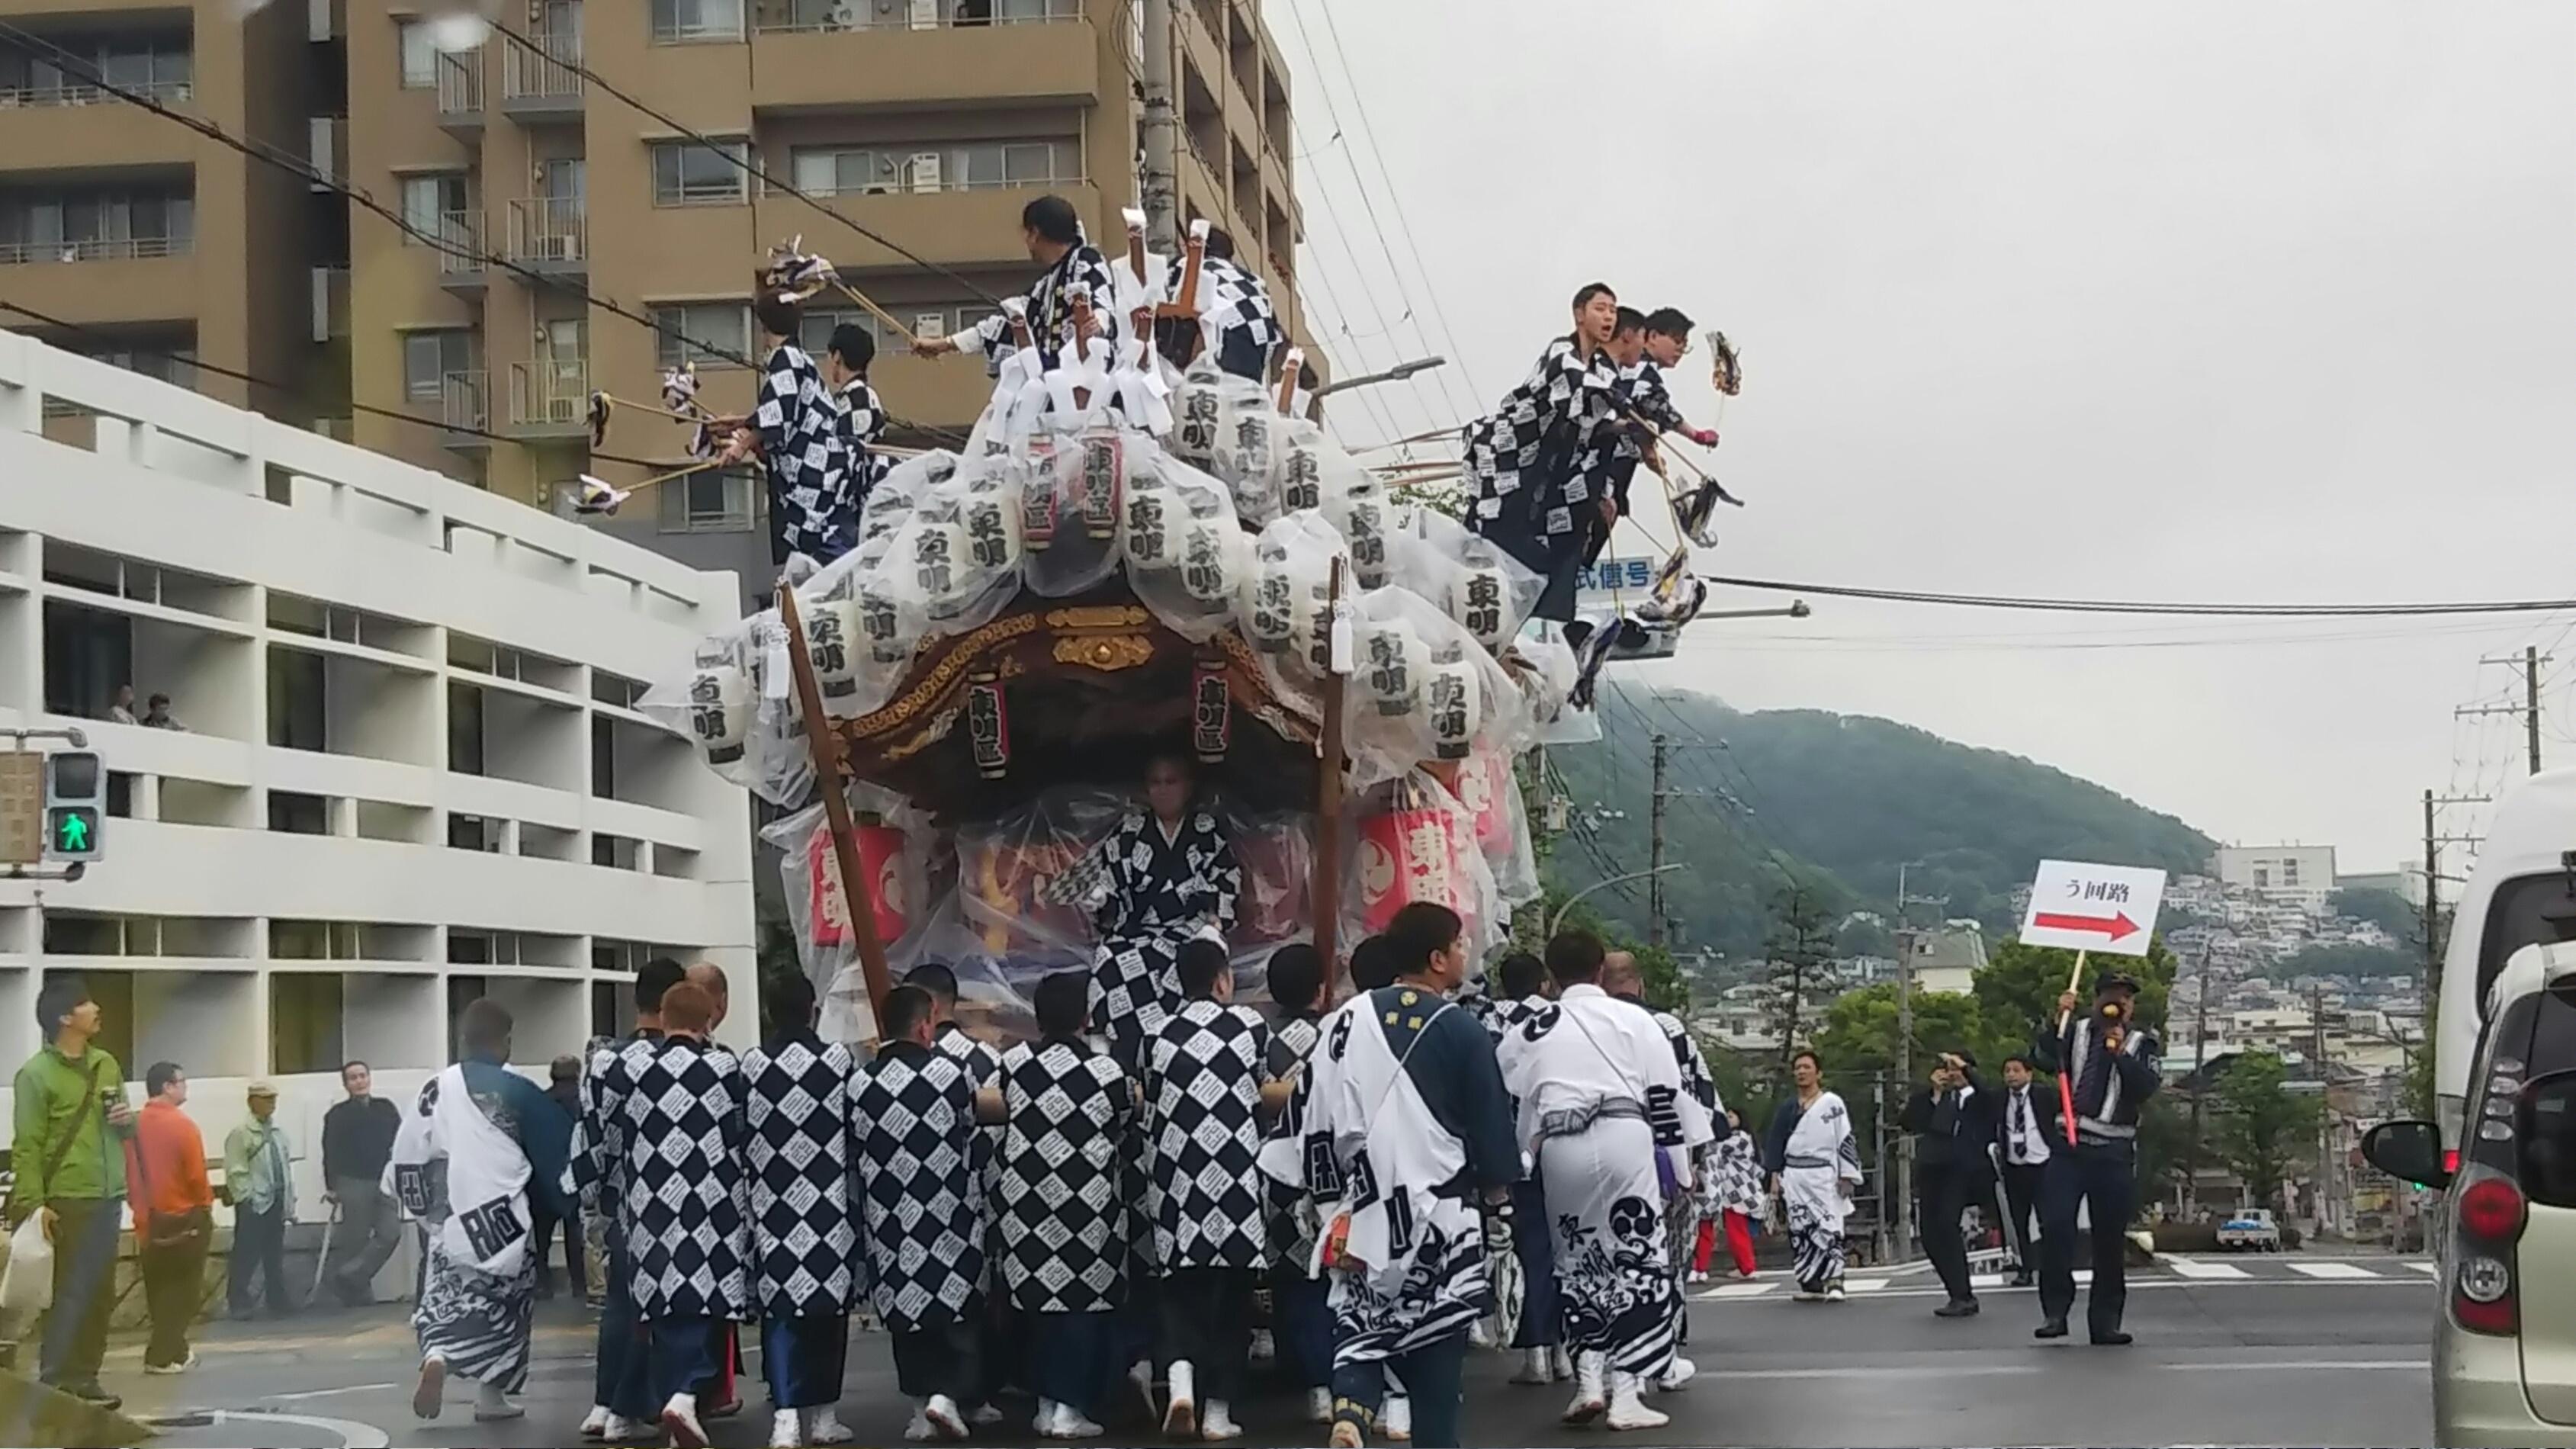 DSC_0523_HORIZON.JPG